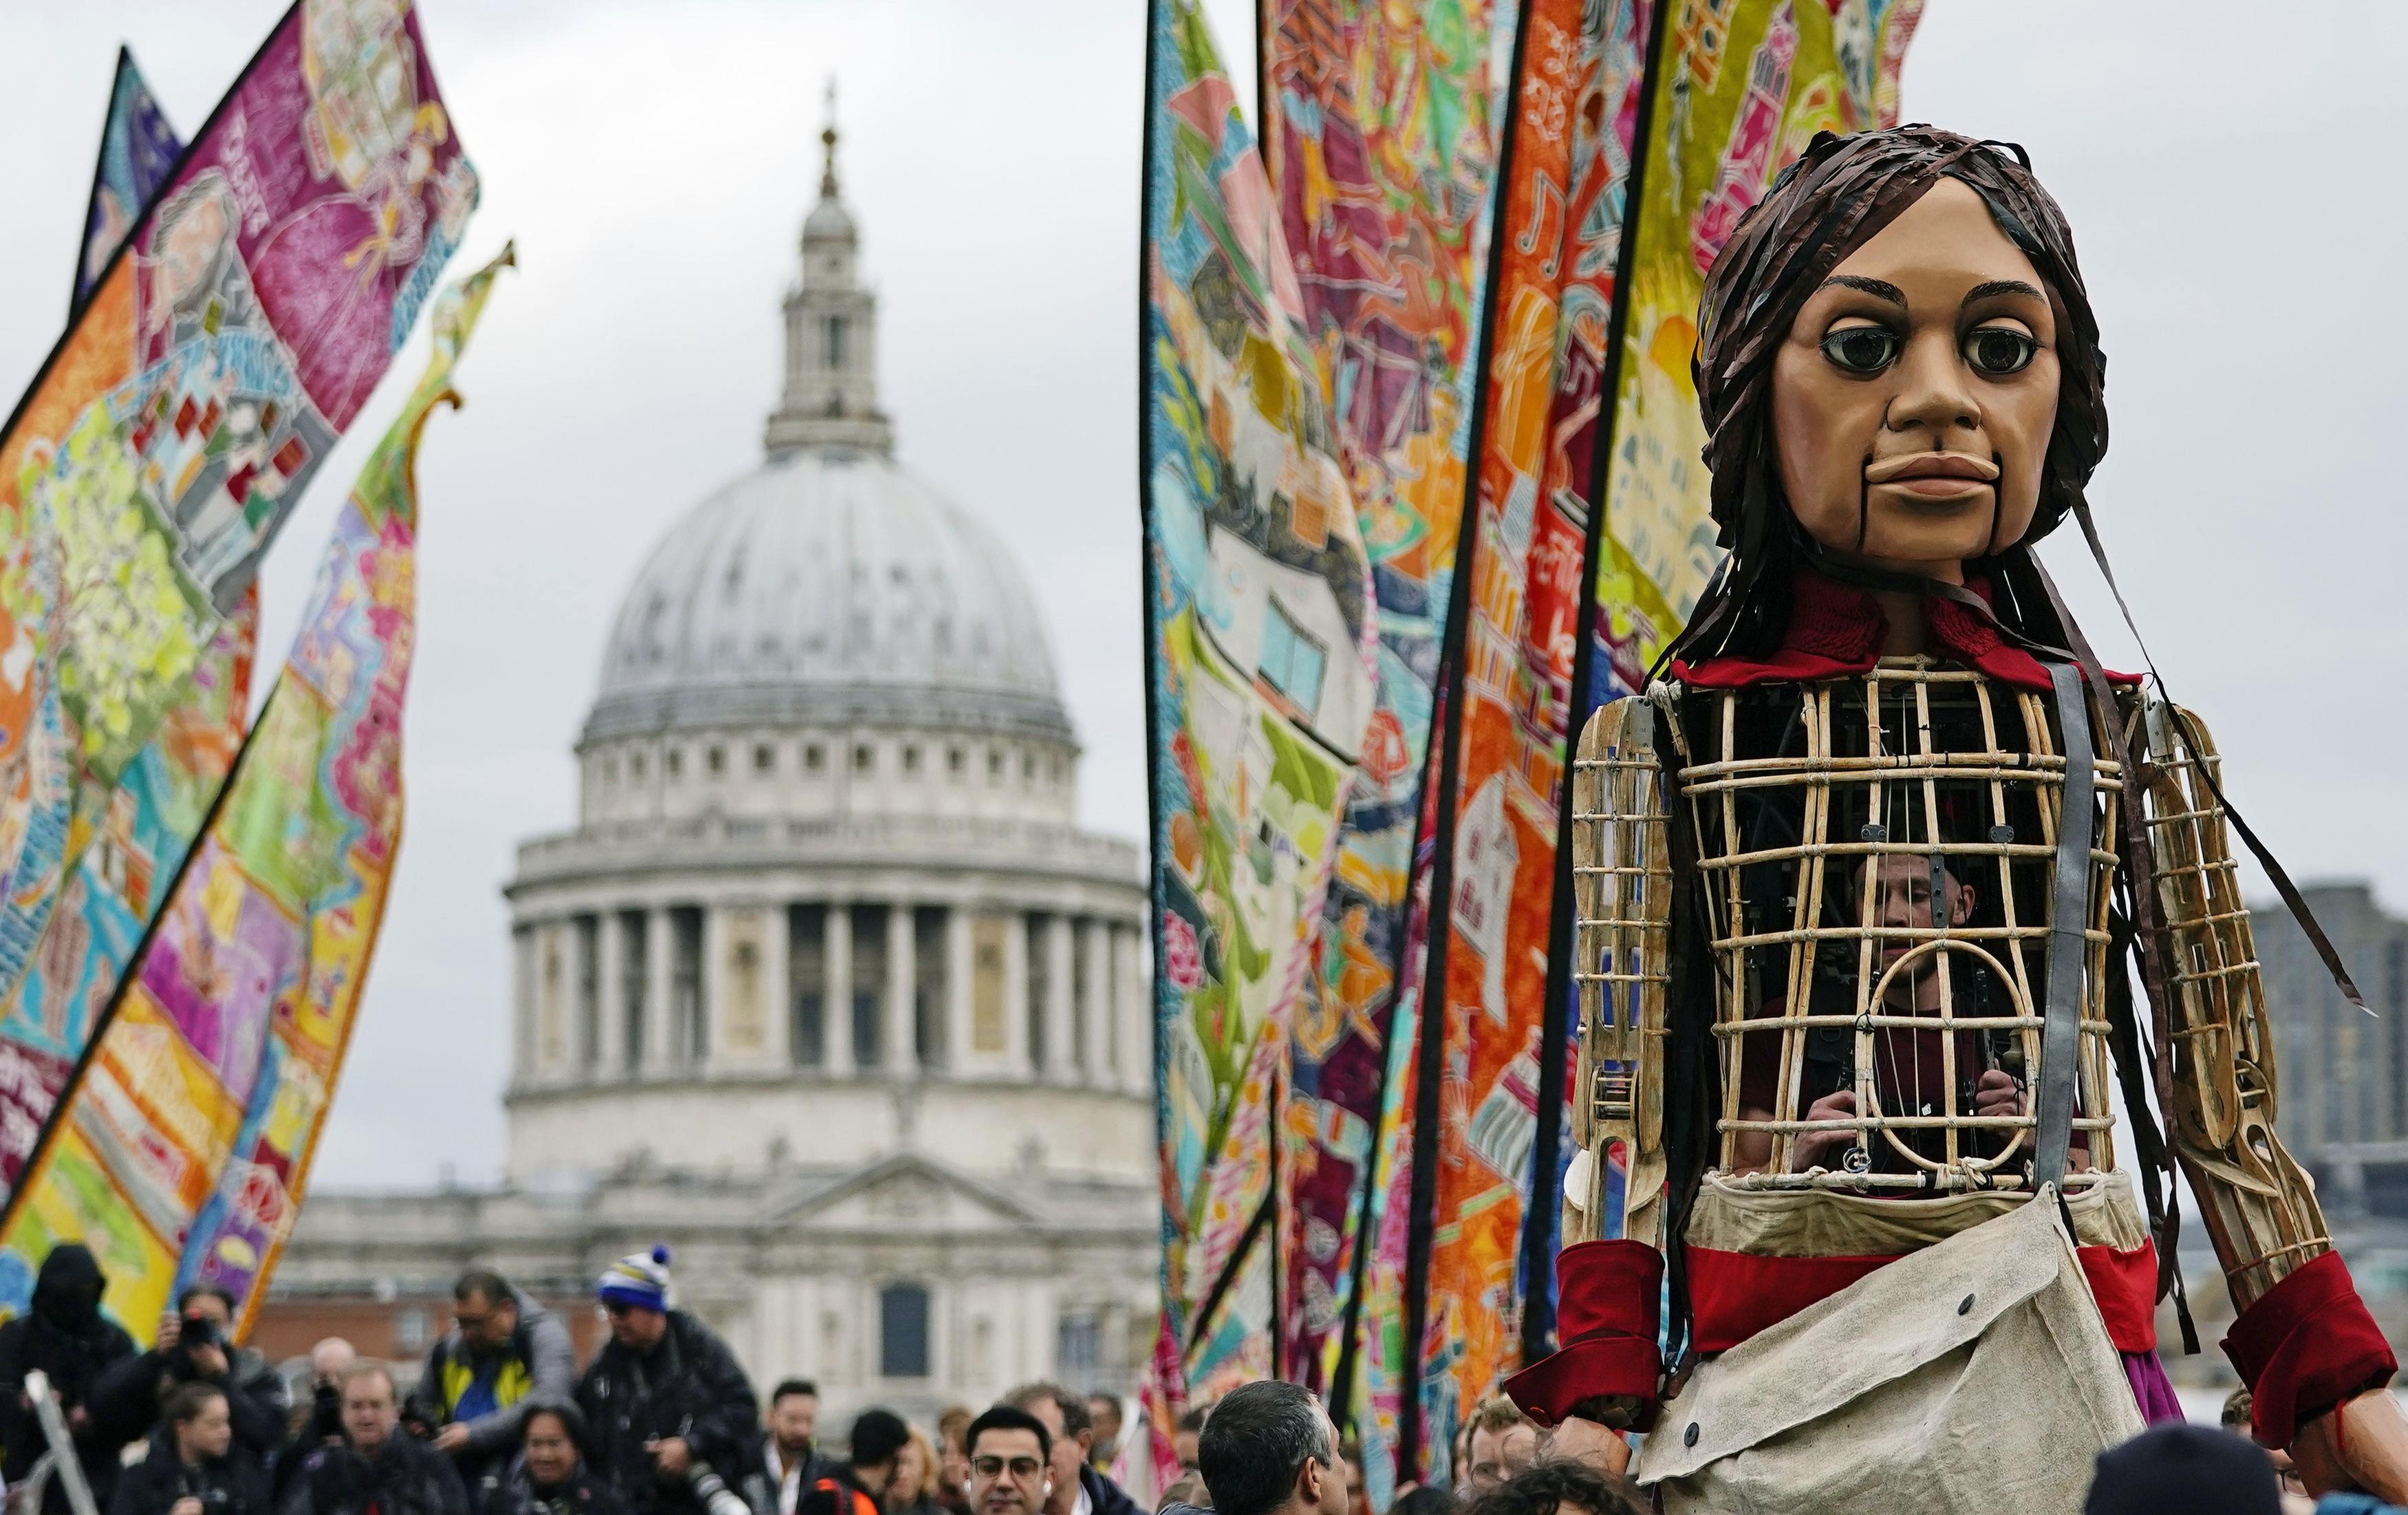 Boneca gigante: 'Pequena Amal' chega à Catedral de São Paulo em Londres; veja fotos